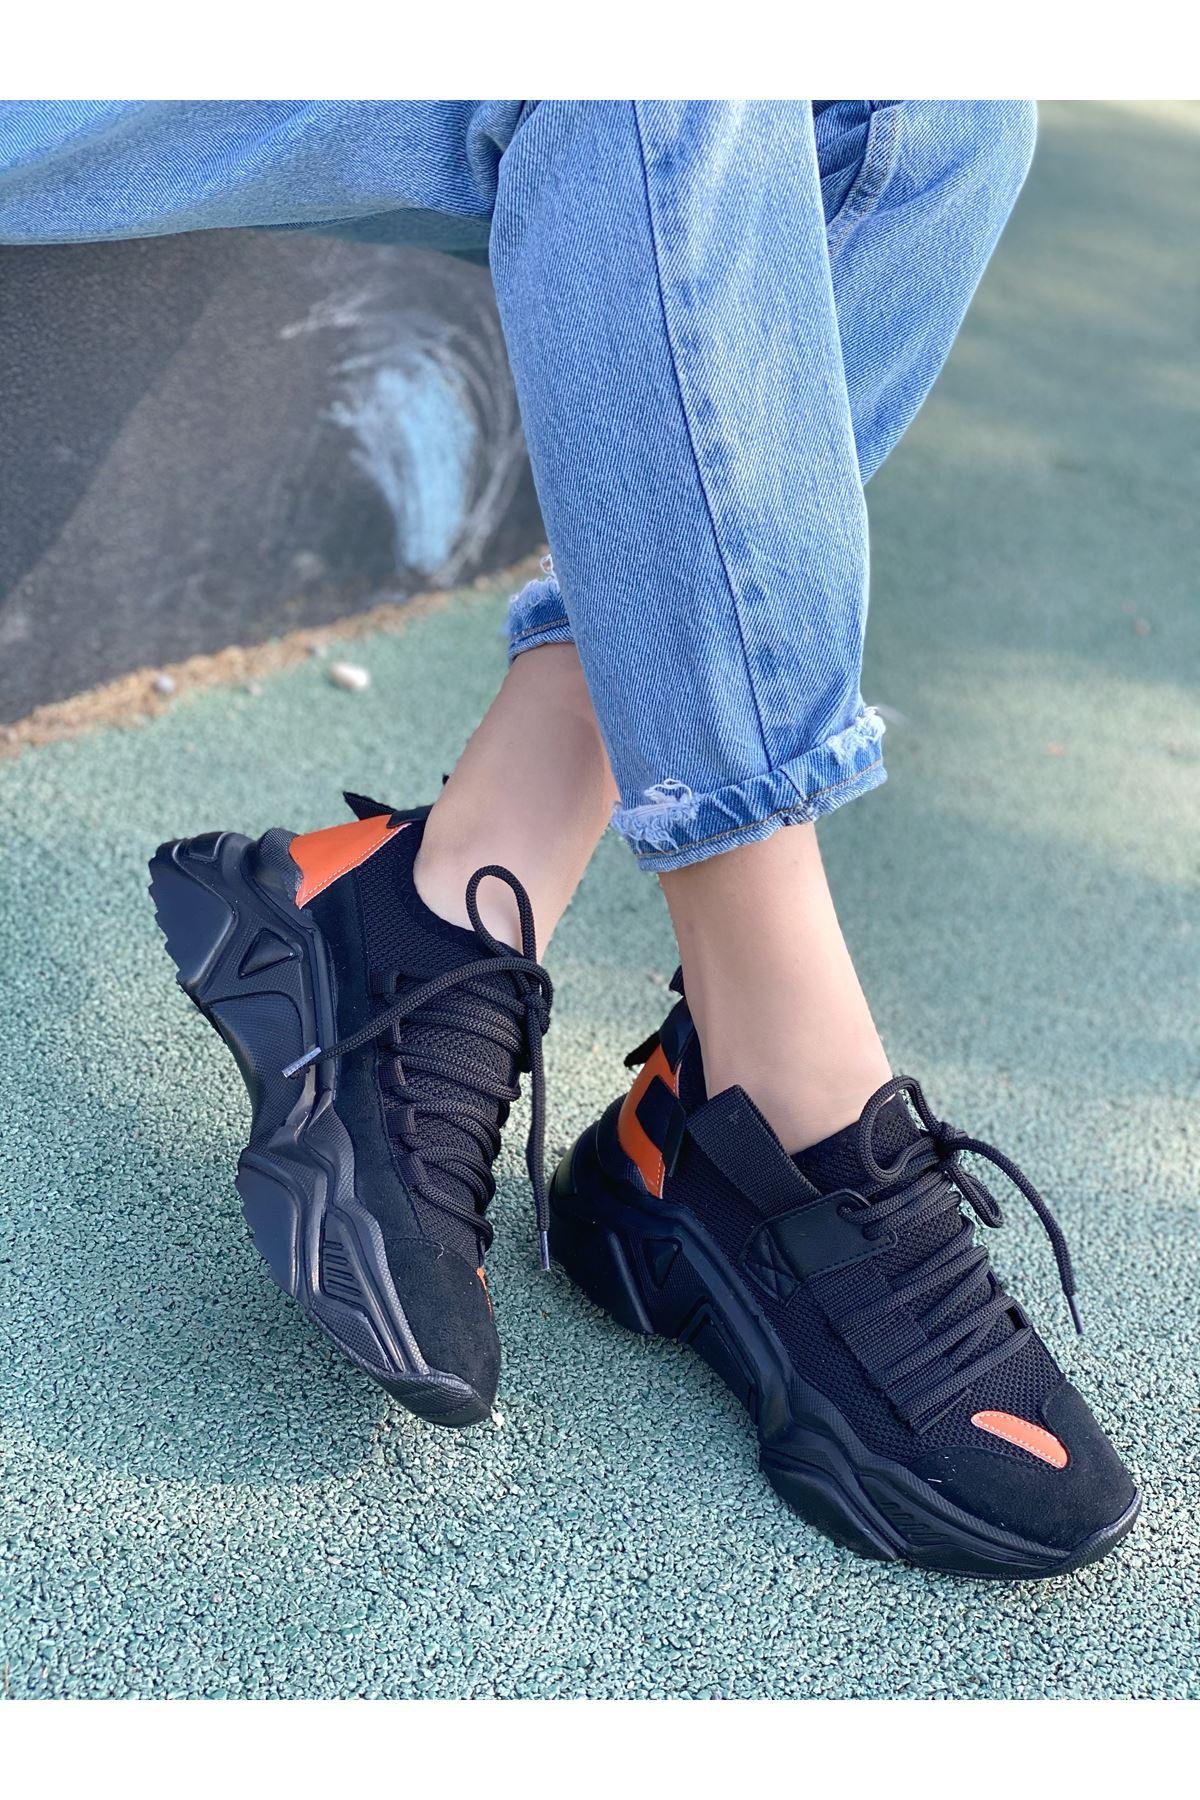 Kadın Kuli Triko Malzeme Bağcık Detaylı Kalın Taban Siyah Spor Ayakkabı